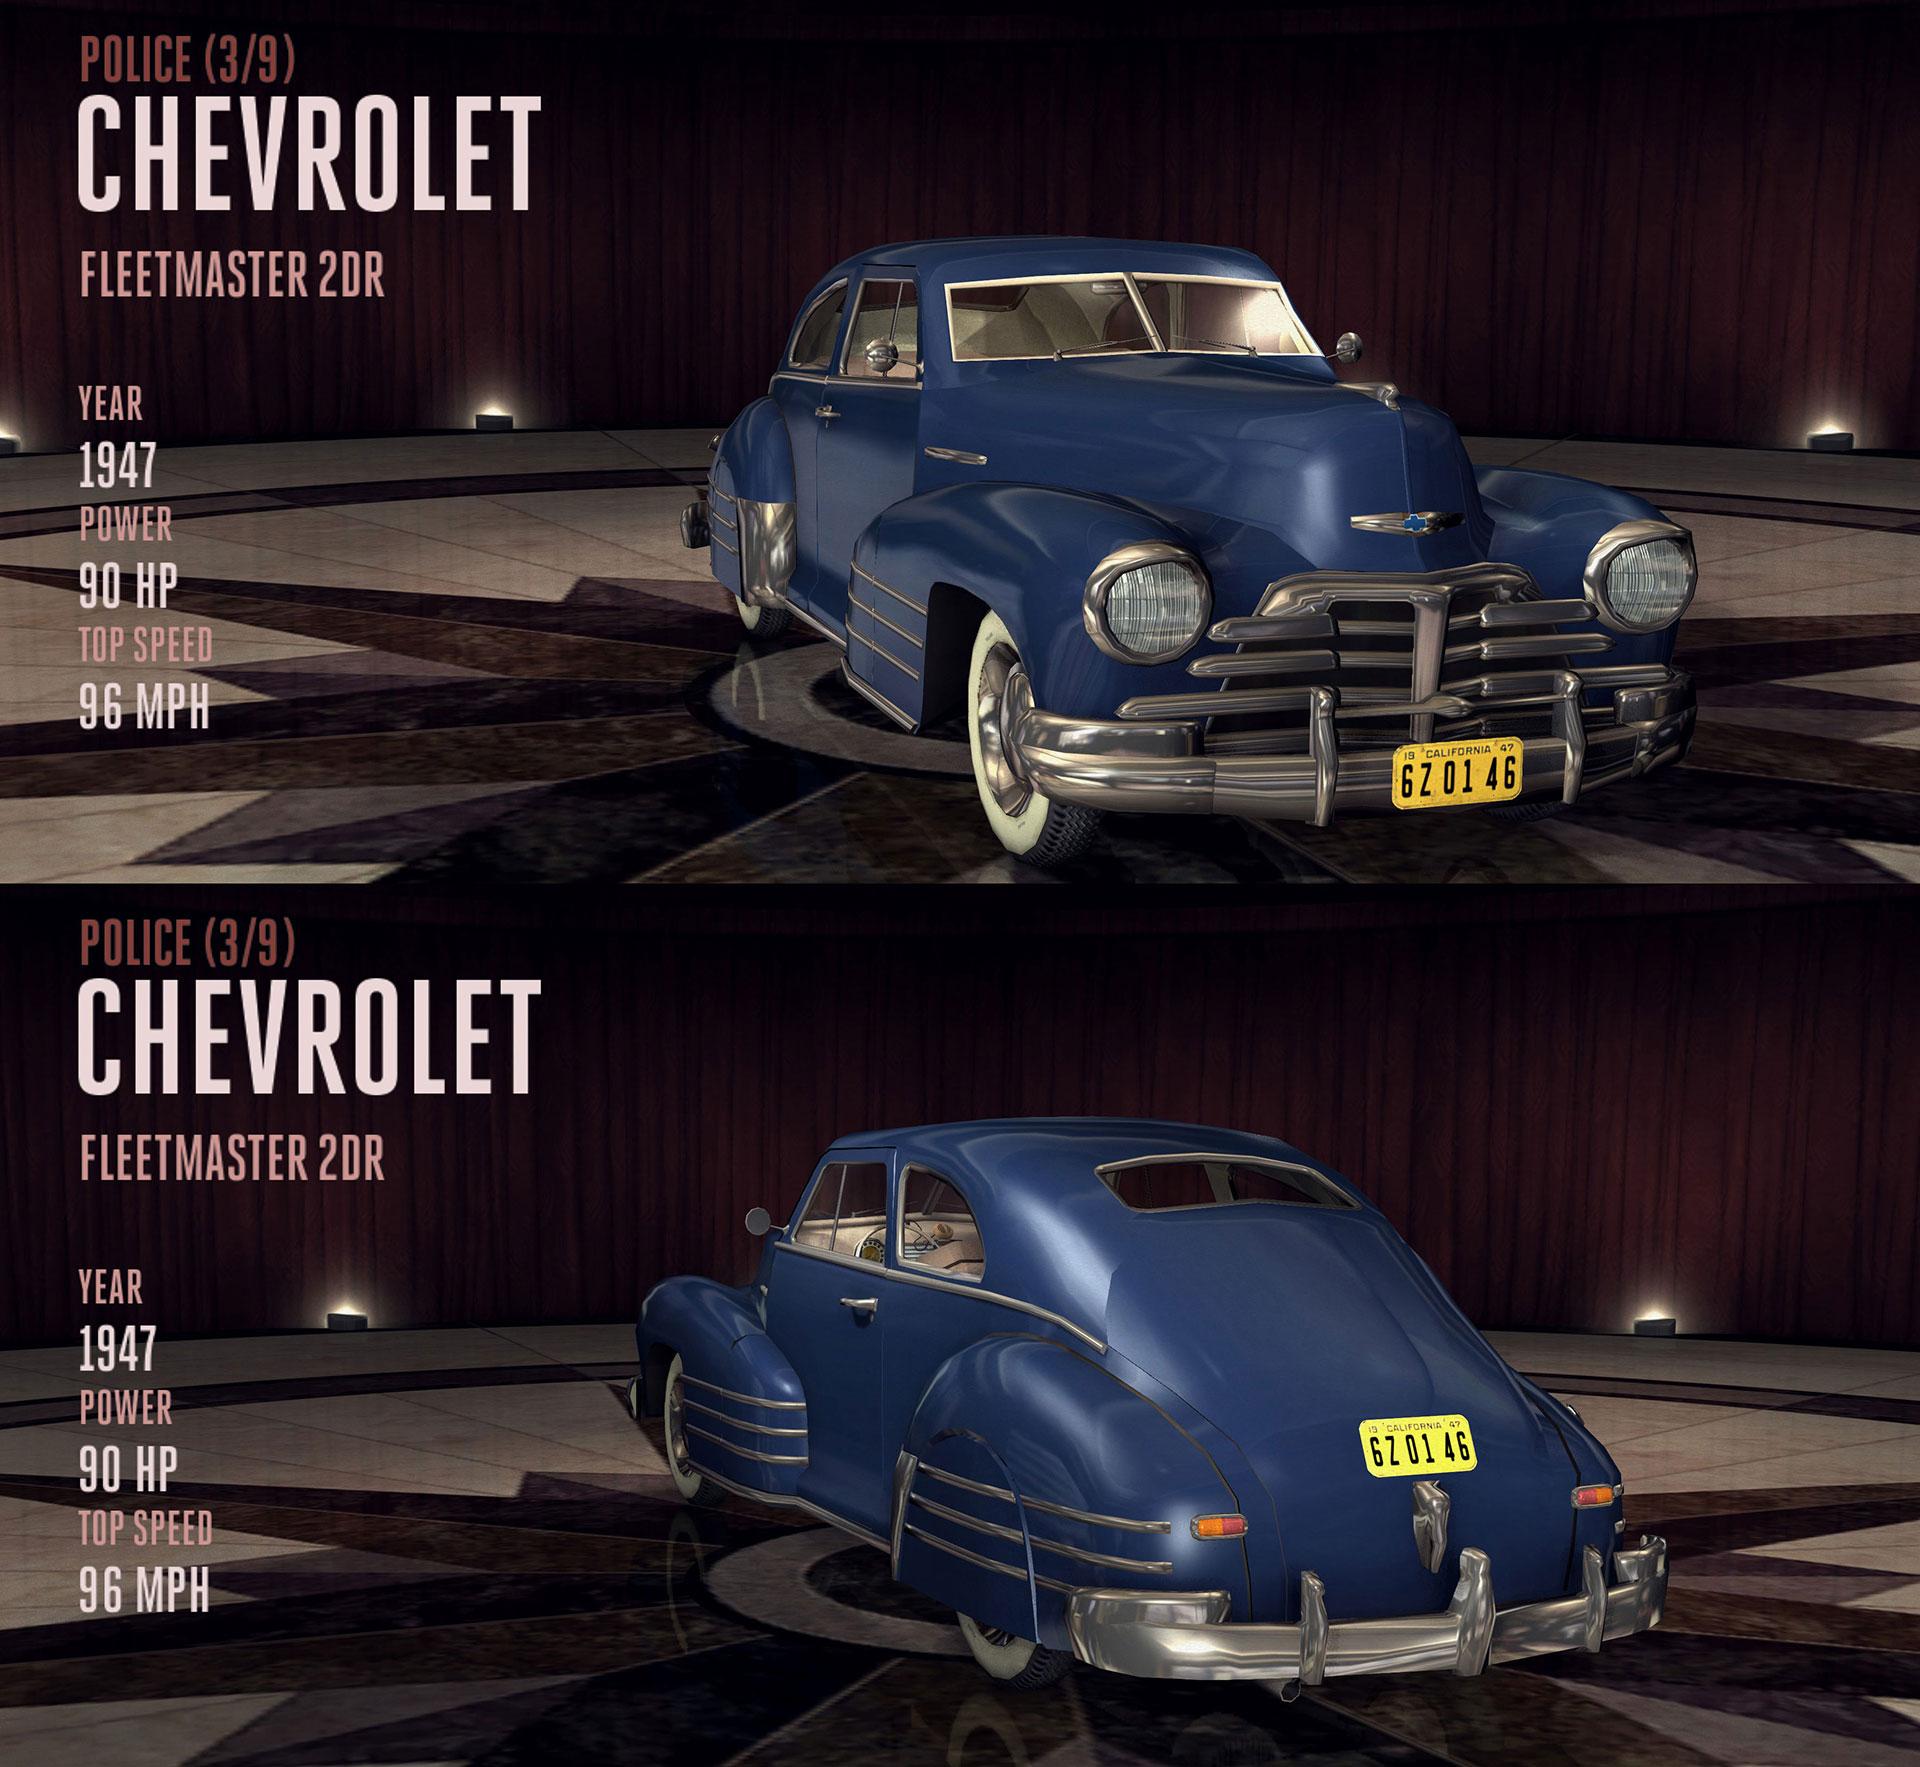 File:1947-chevrolet-fleetmaster-2dr.jpg